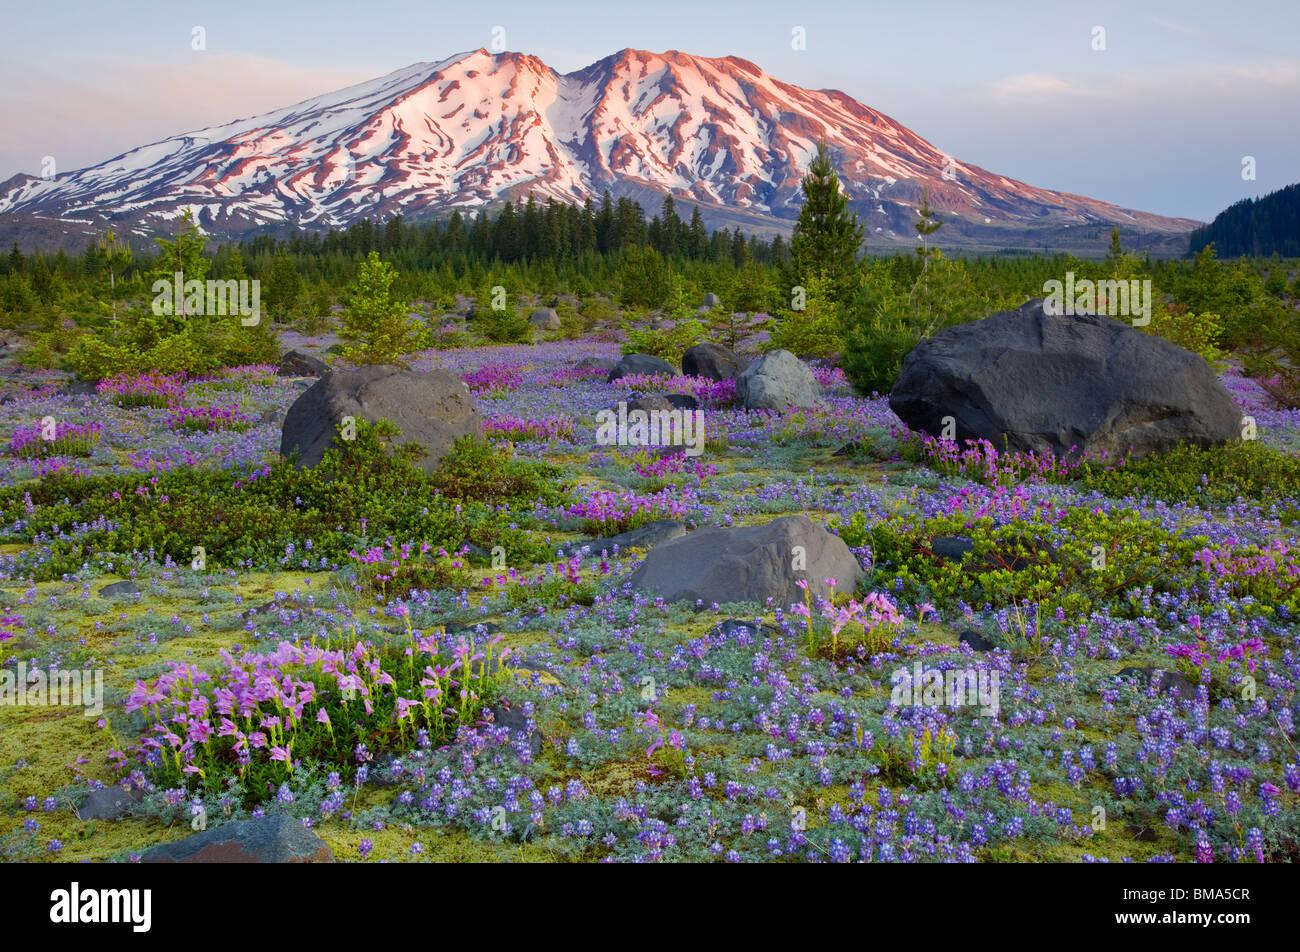 Mont St Helens Monument Volcanique National, WA l'aube sur le Mont Saint Helens à partir d'une prairie de lupin Banque D'Images